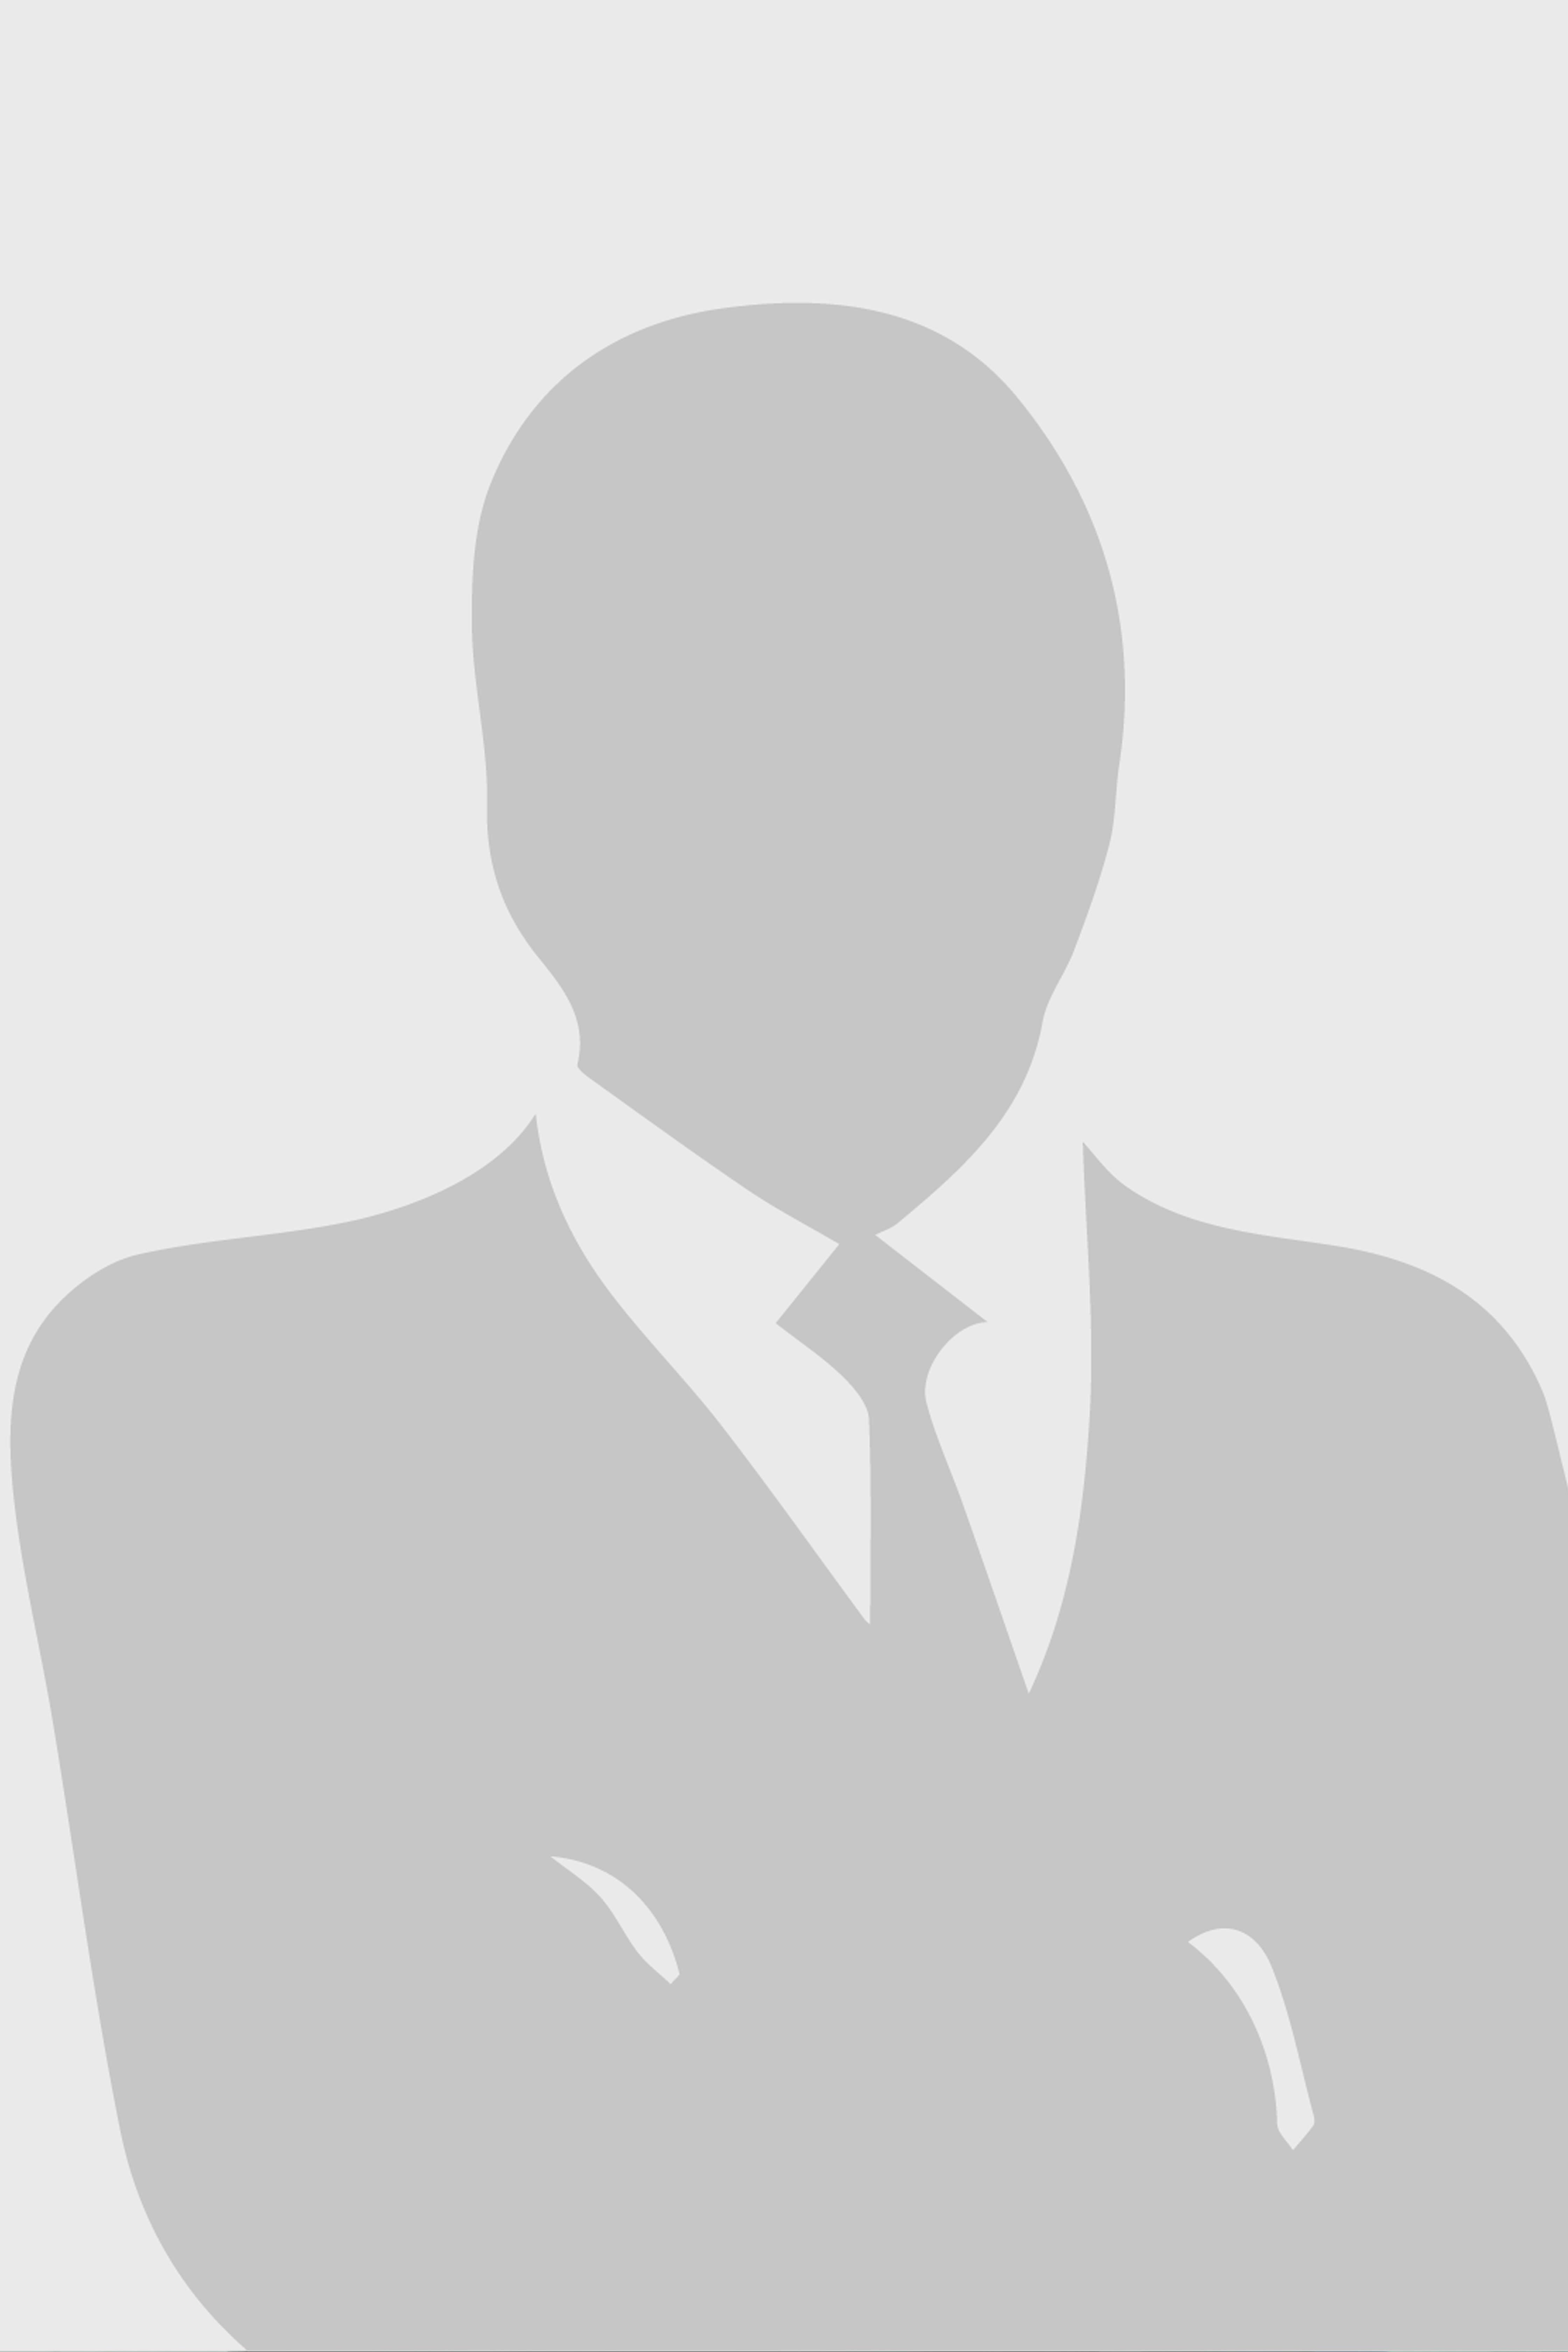 Motaz Al Hamdan Finance Manager at V7 Finance